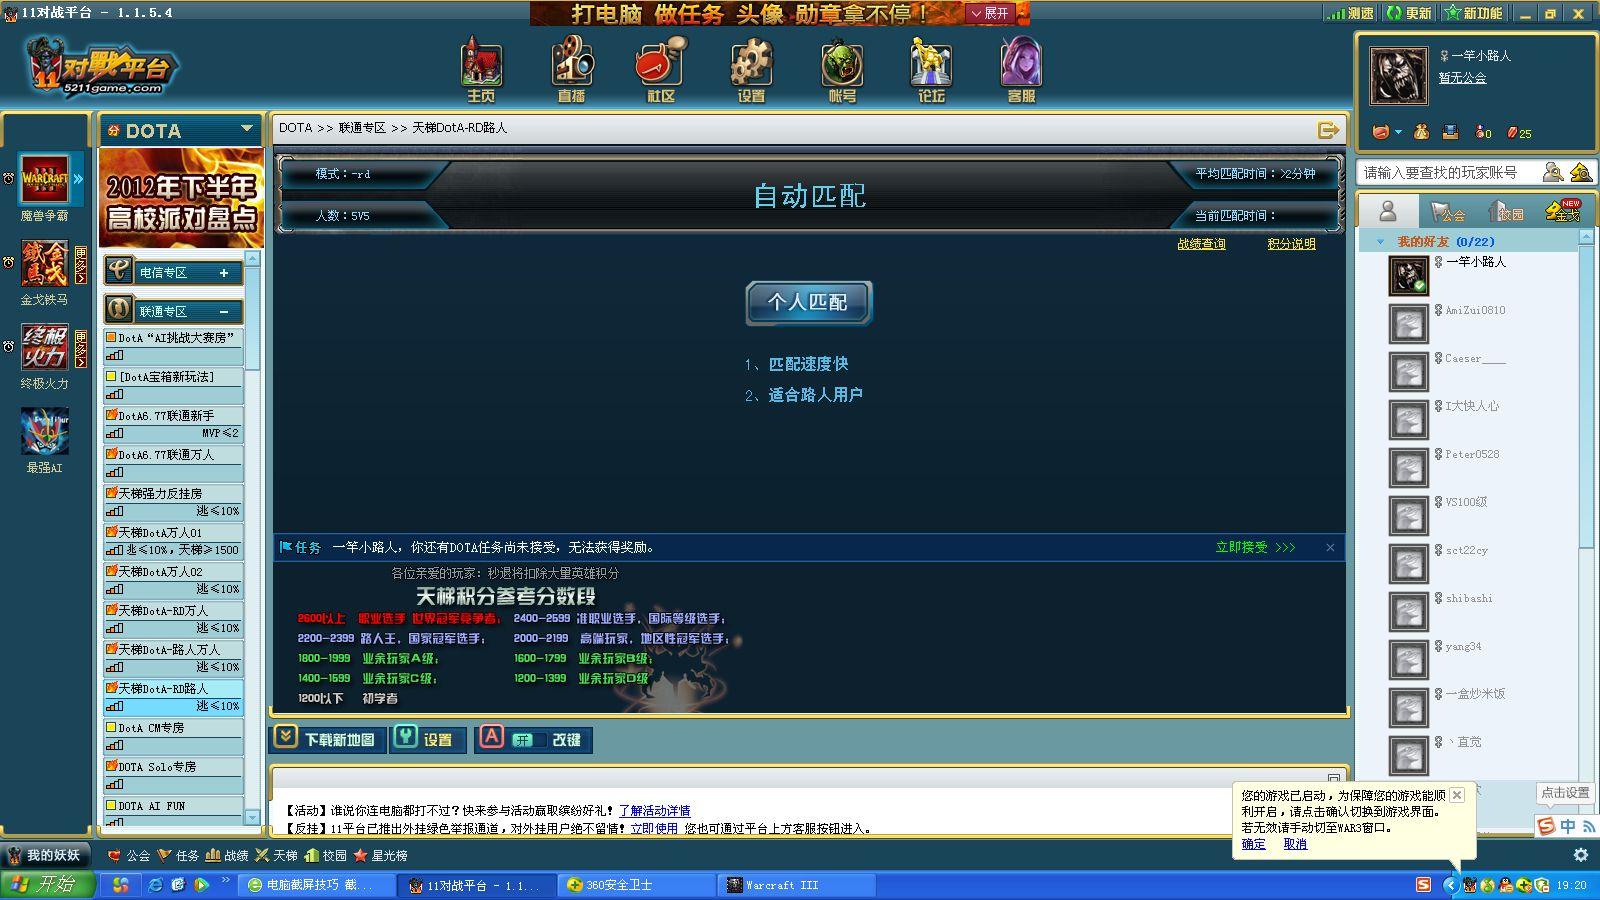 11对战平台显示正在查询积分,不能加入游戏是怎样的一